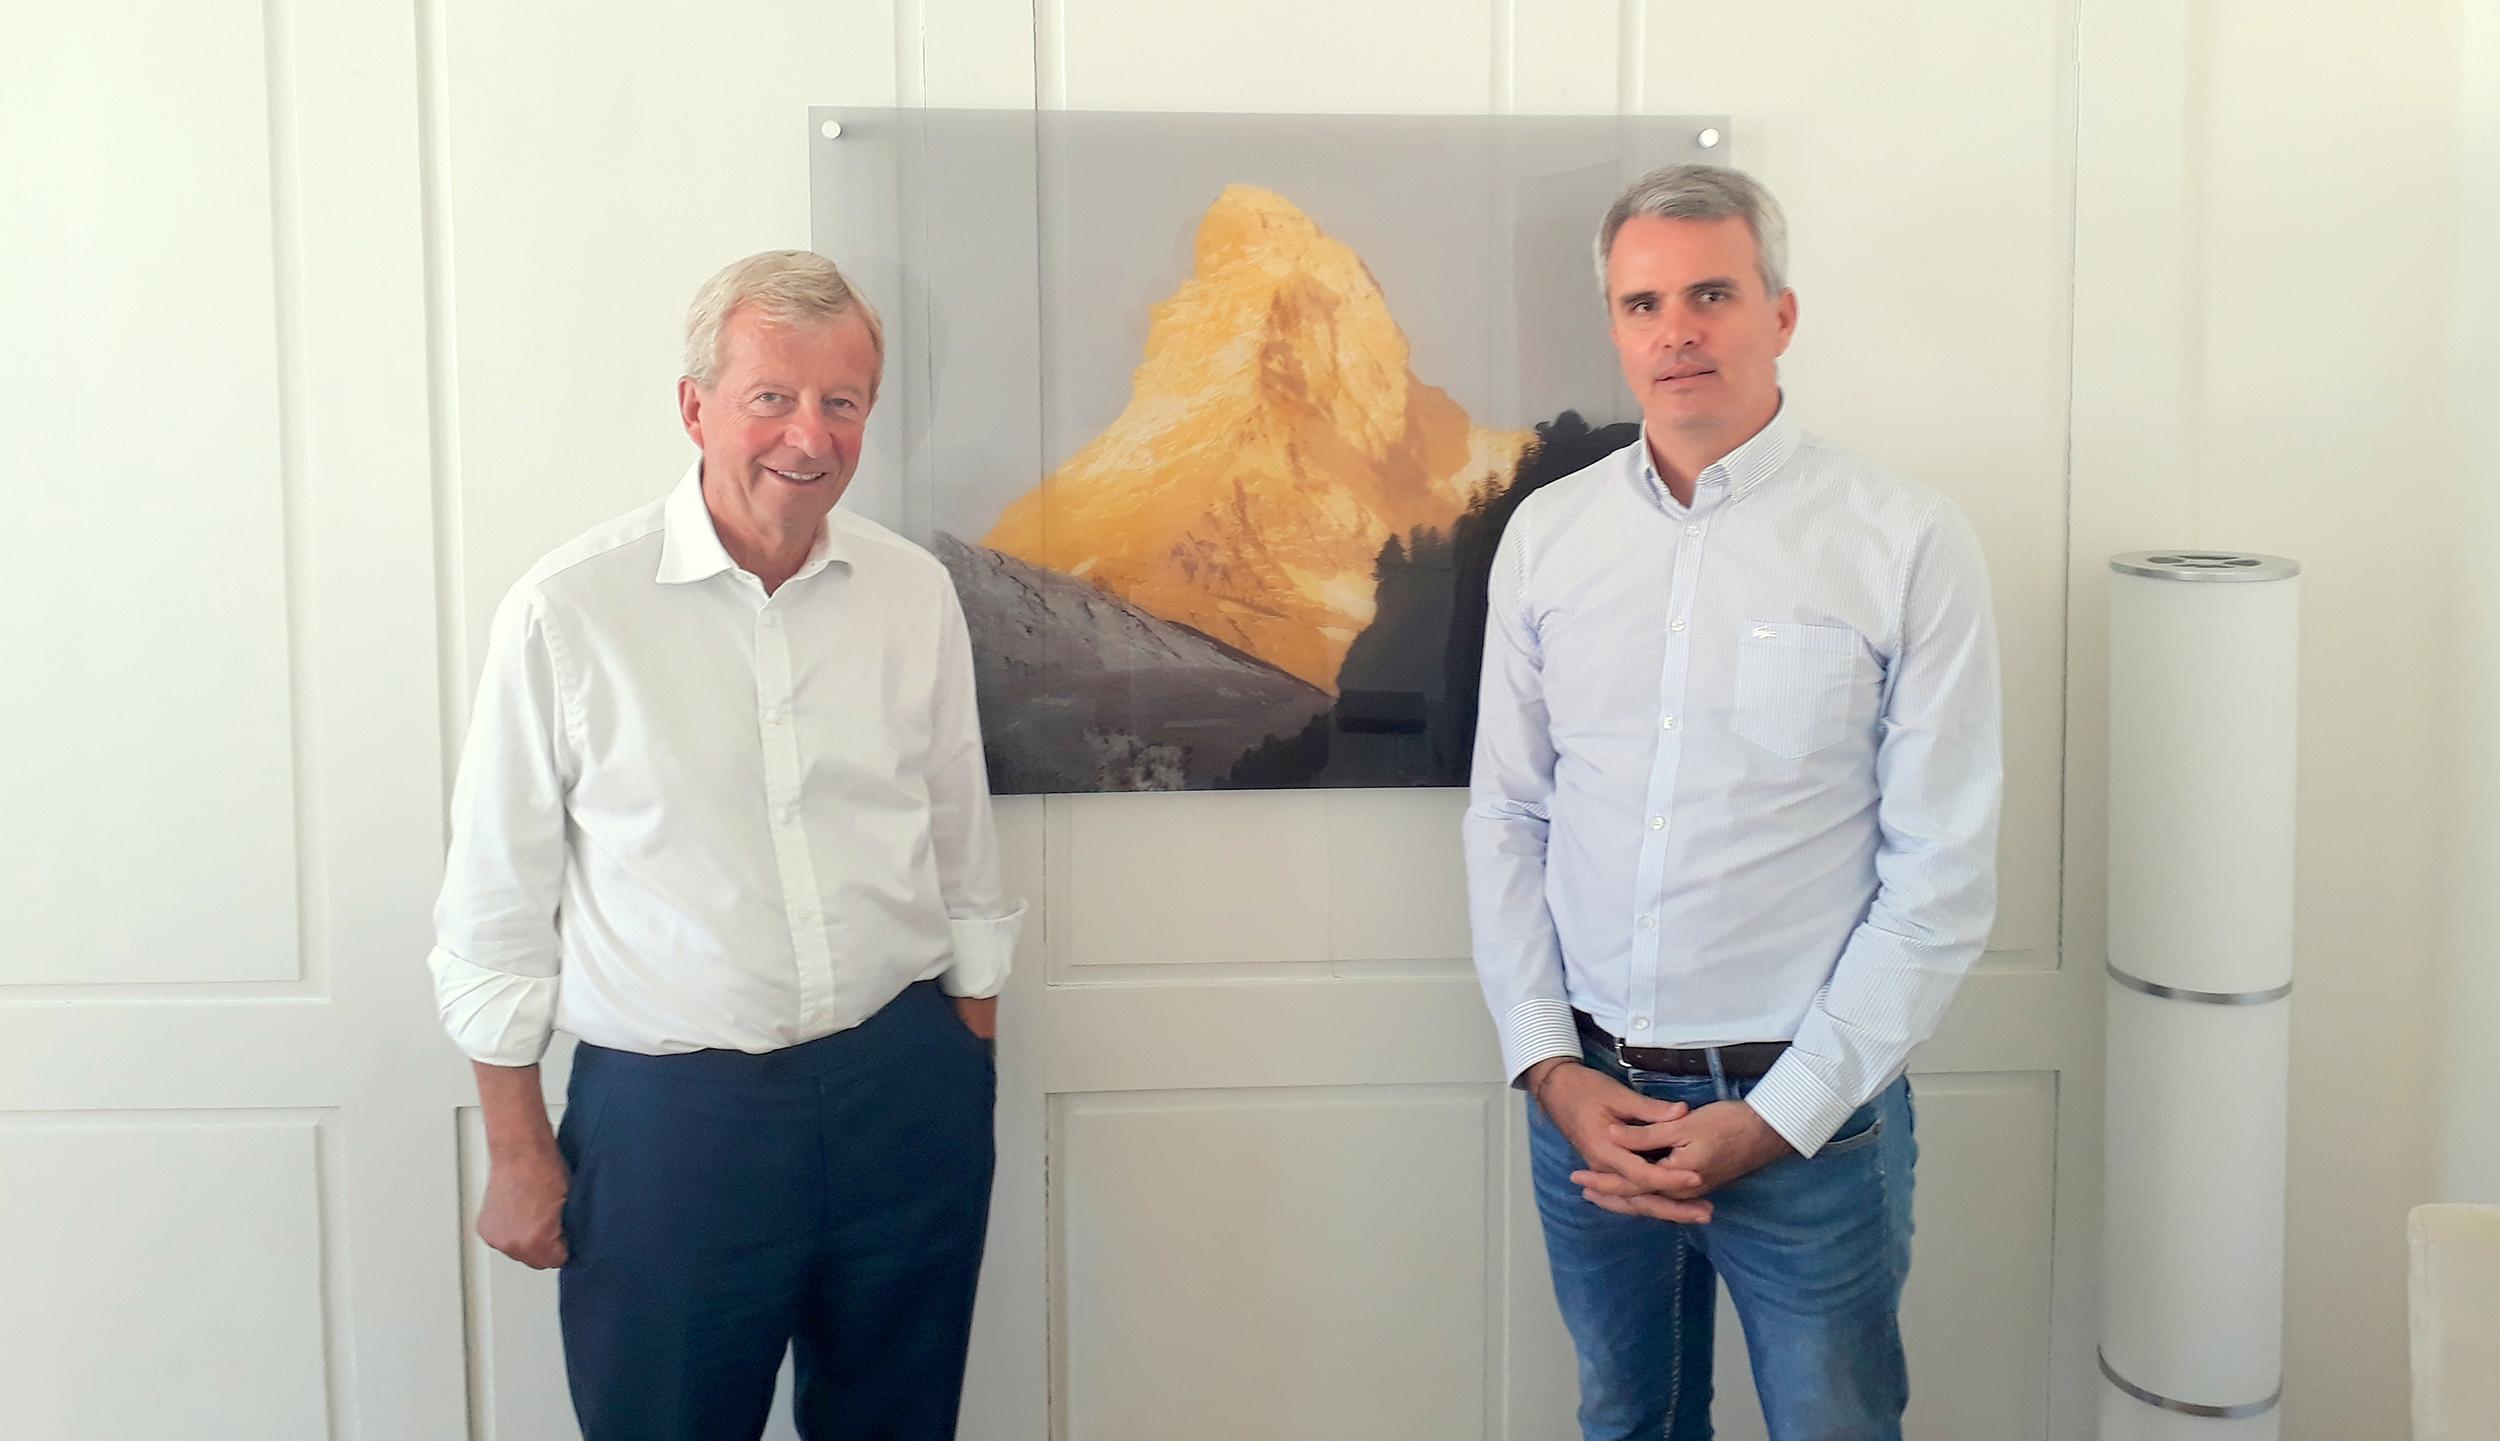 Egon Von Greyerz et Fabrice Drouin Ristori à Zurich